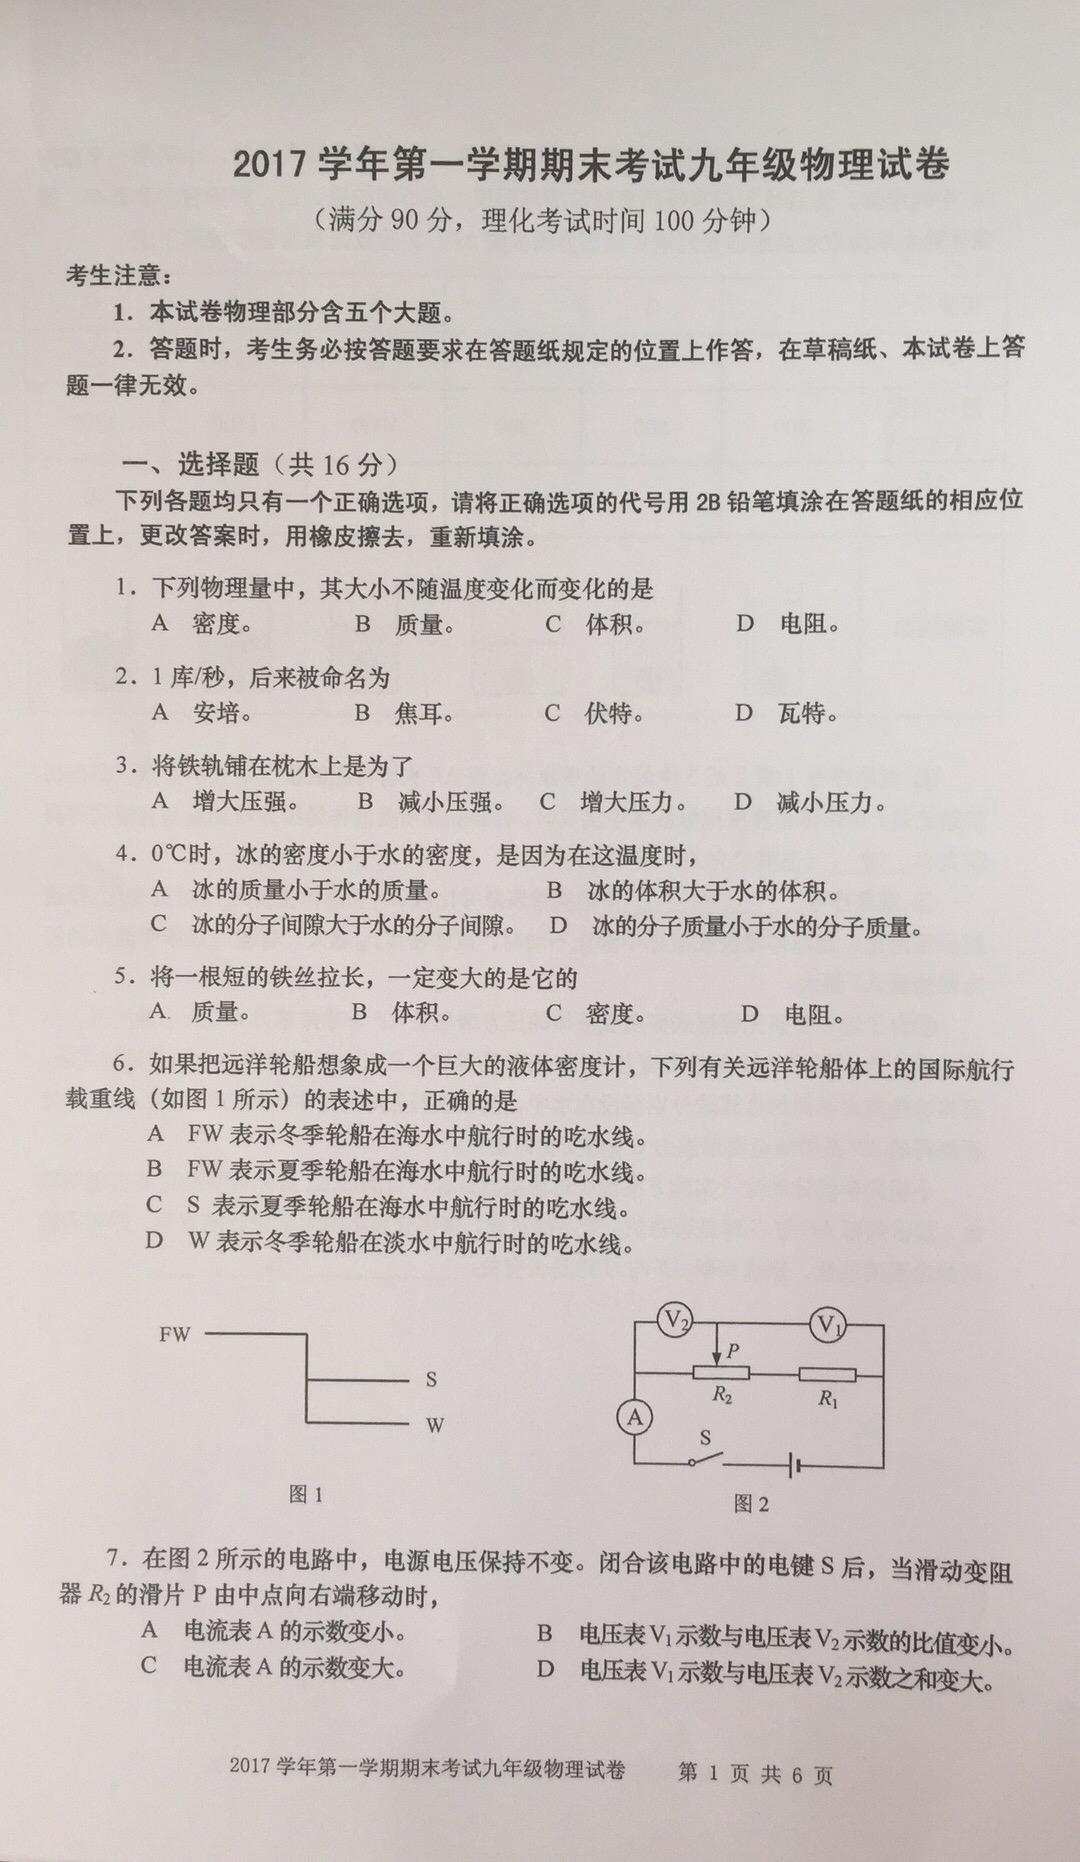 2018宝山中考物理一模试题及答案(图片版)